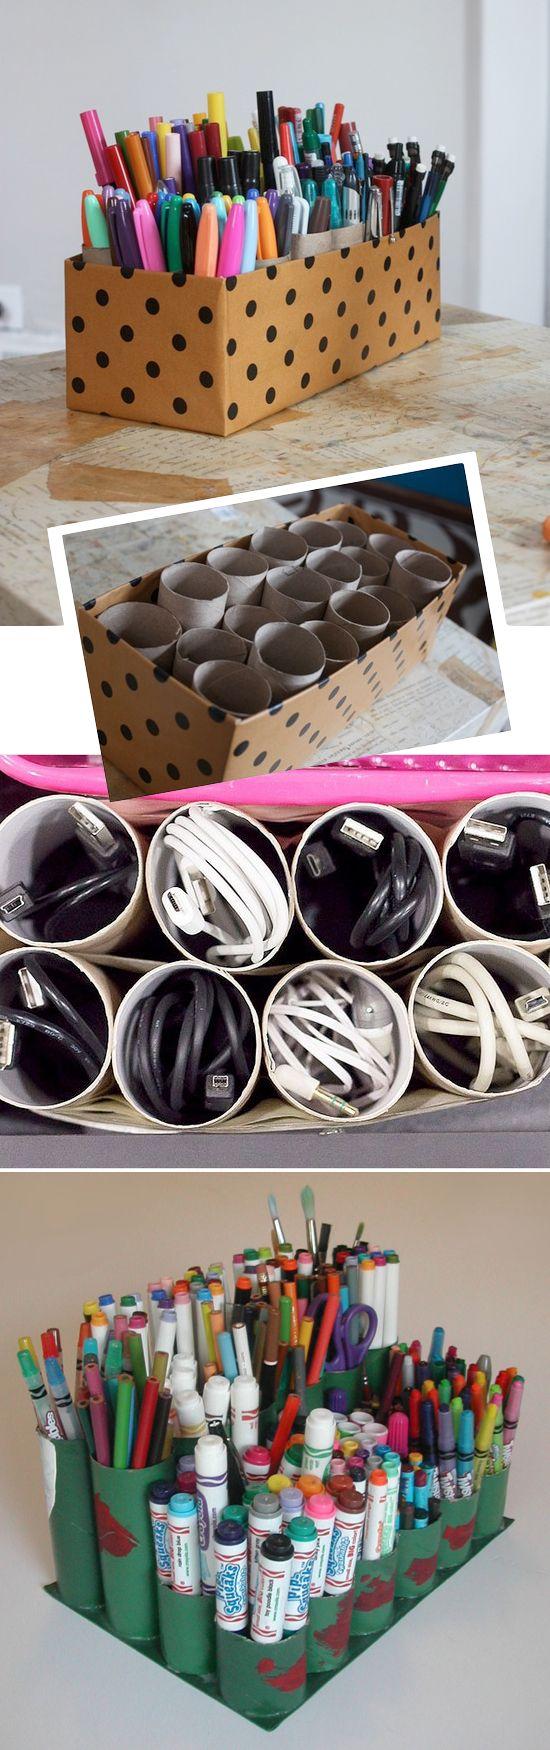 Maak van karton en toilet rolletjes een geweldige pennenbak voor op je bureau. Een goedkope zelfmaak budget tip van Speelgoedbank Amsterdam voor kinderen en ouders. Goedkoop knutselen, recycle / upcycle.